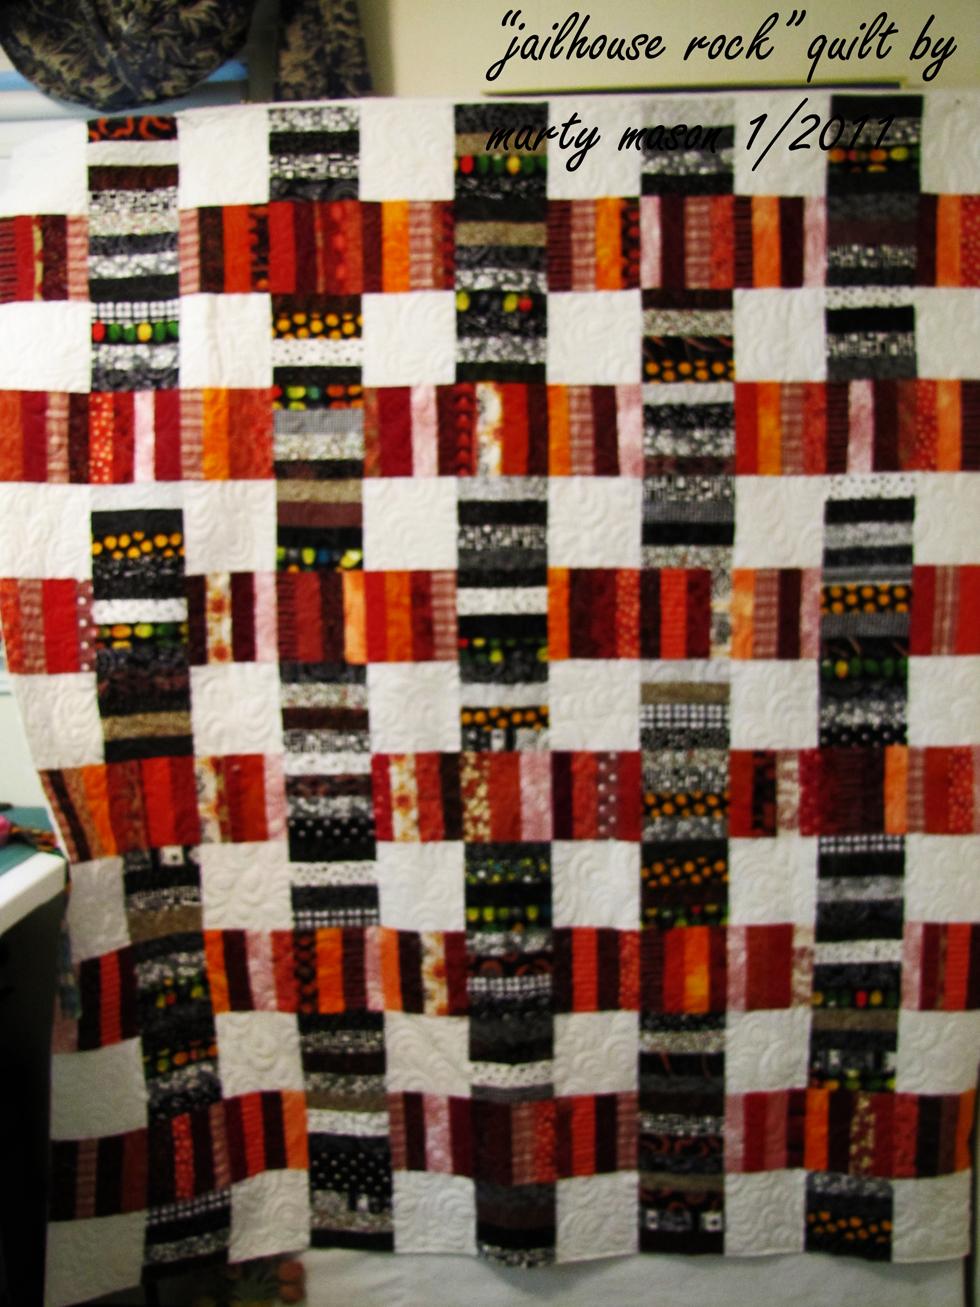 jailhouse rock quilt